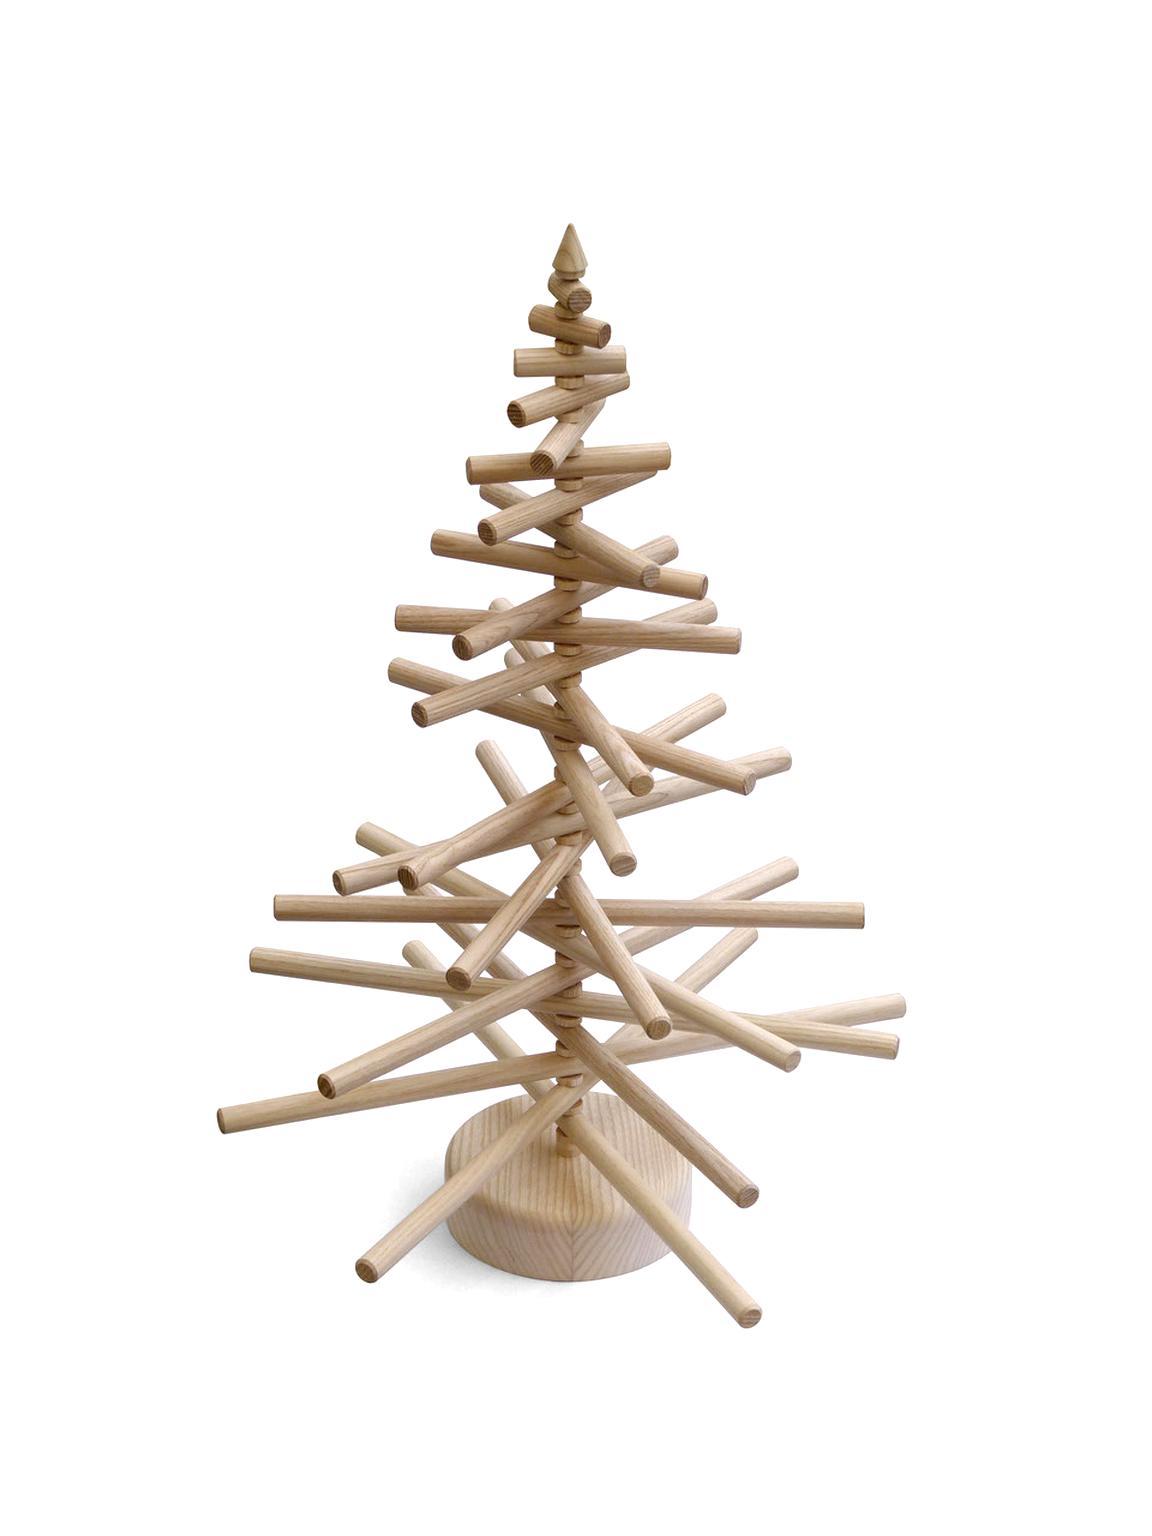 Weihnachtsbaum Künstlich Kaufen : weihnachtsbaum holz gebraucht kaufen 4 st bis 75 g nstiger ~ Watch28wear.com Haus und Dekorationen